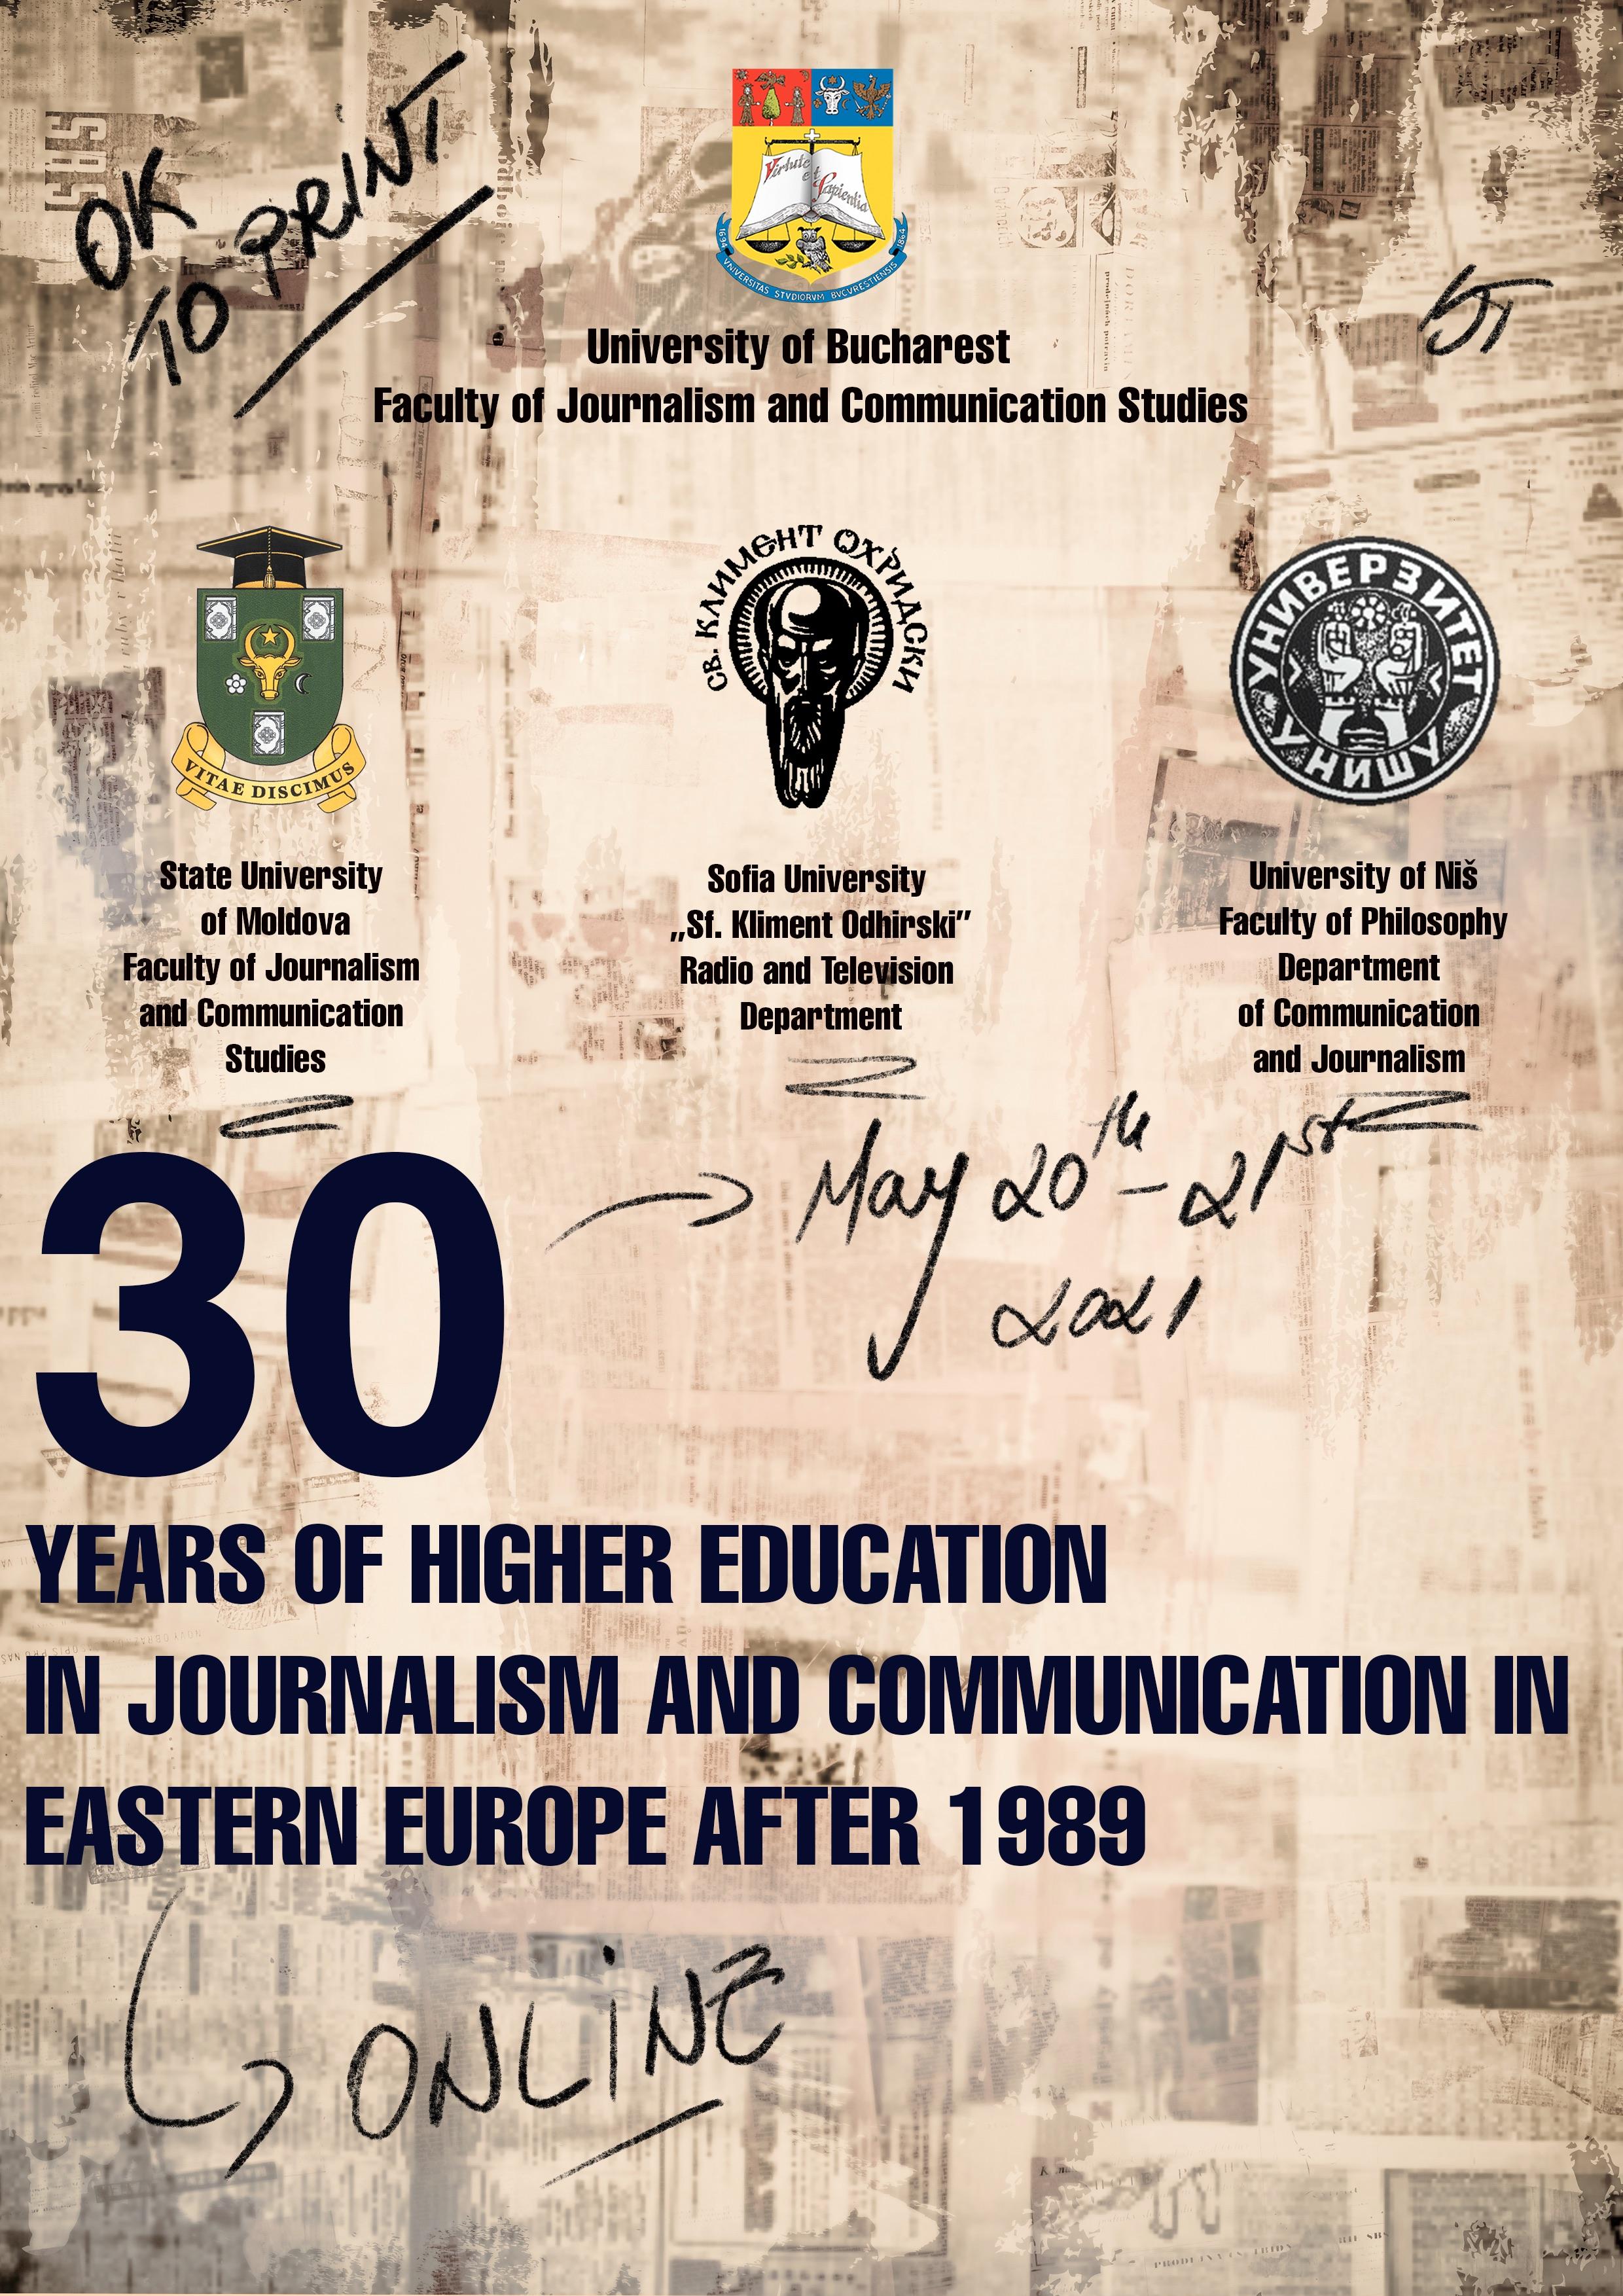 30 de ani de învăţământ jurnalistic în fostele ţări comuniste din estul Europei